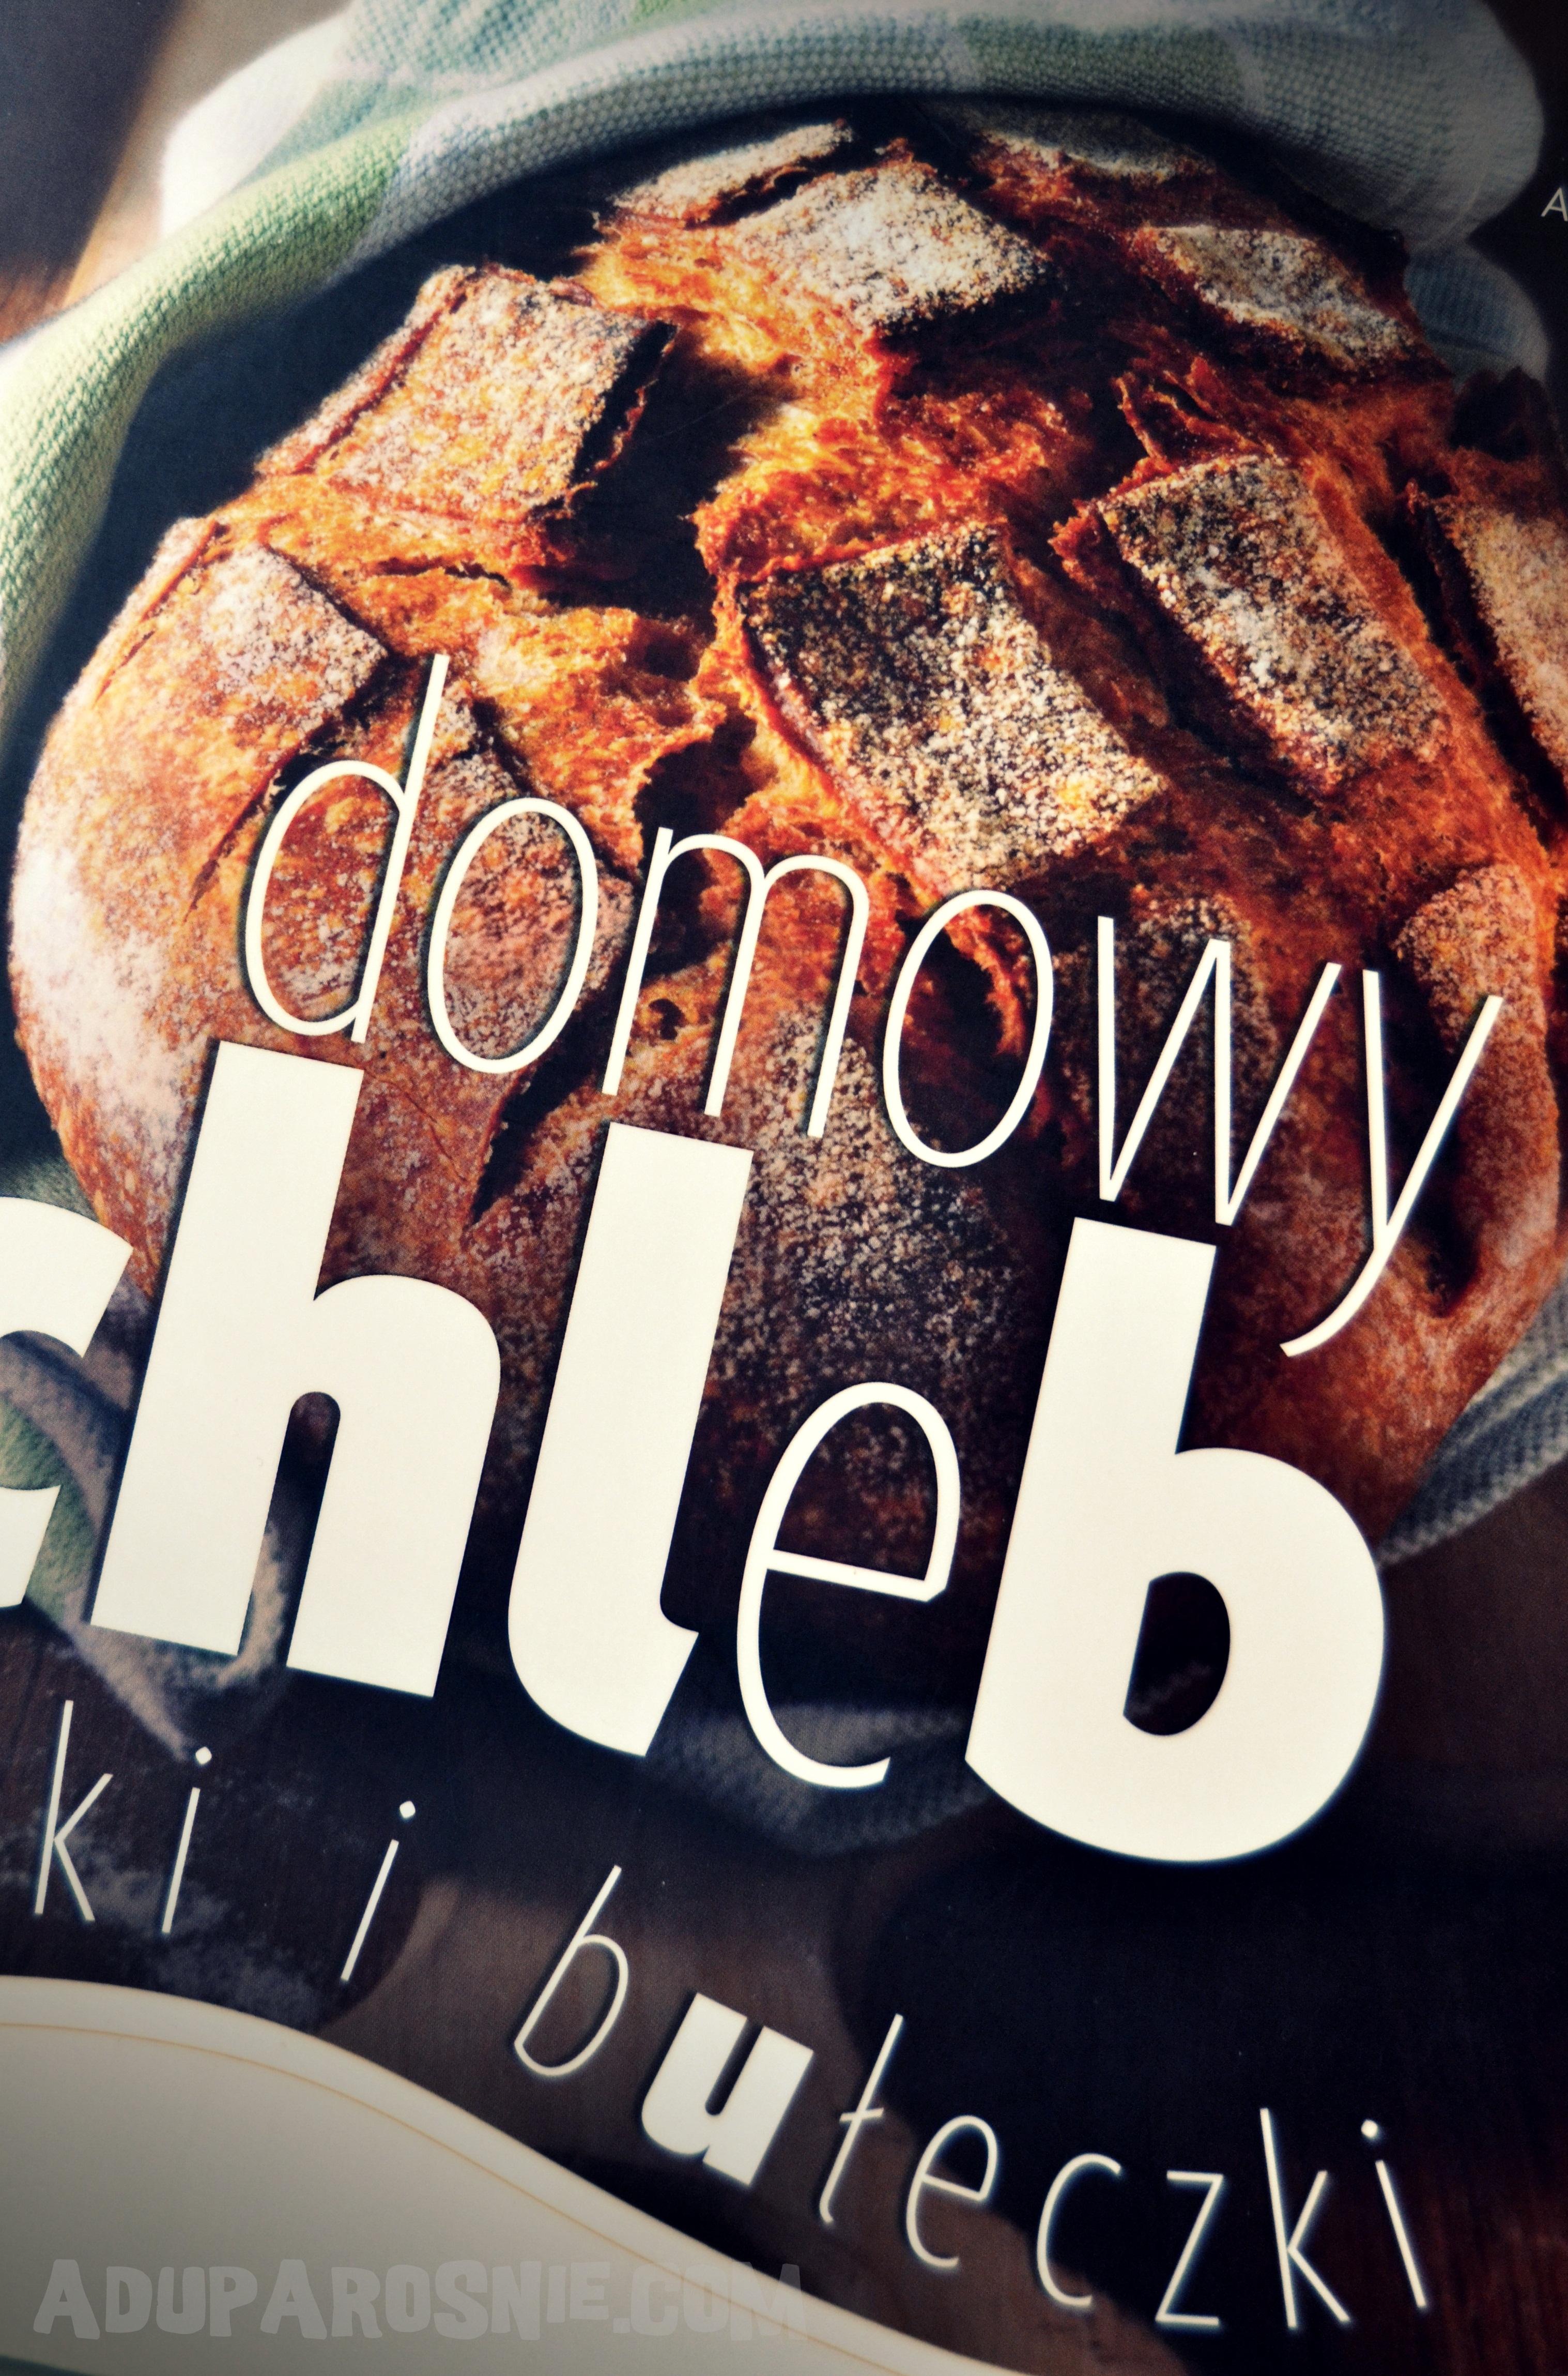 domowy chleb, bułki, bułeczki 1